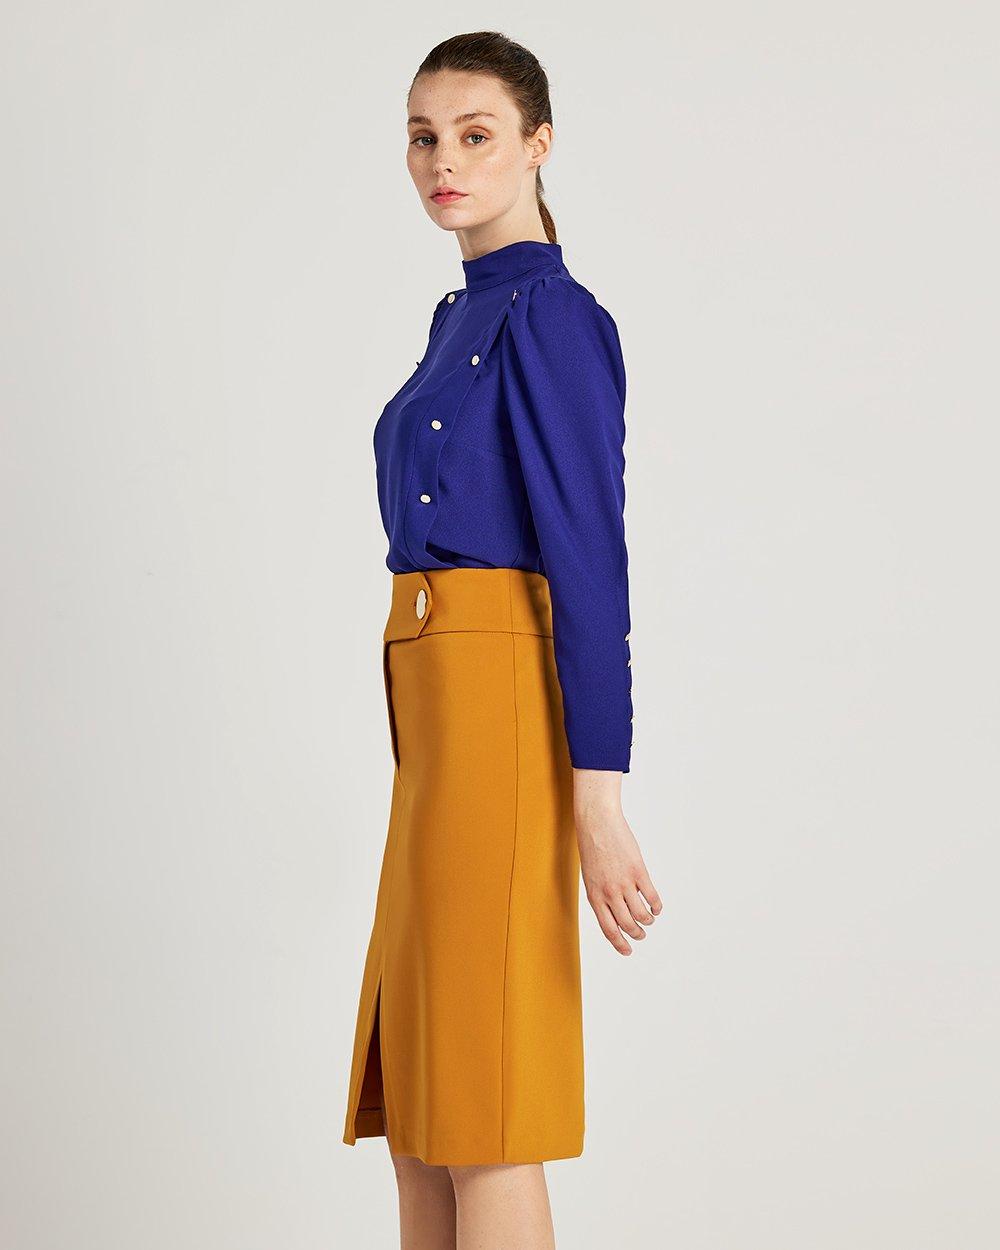 Φούστα με μεγάλο κουμπί στη μέση